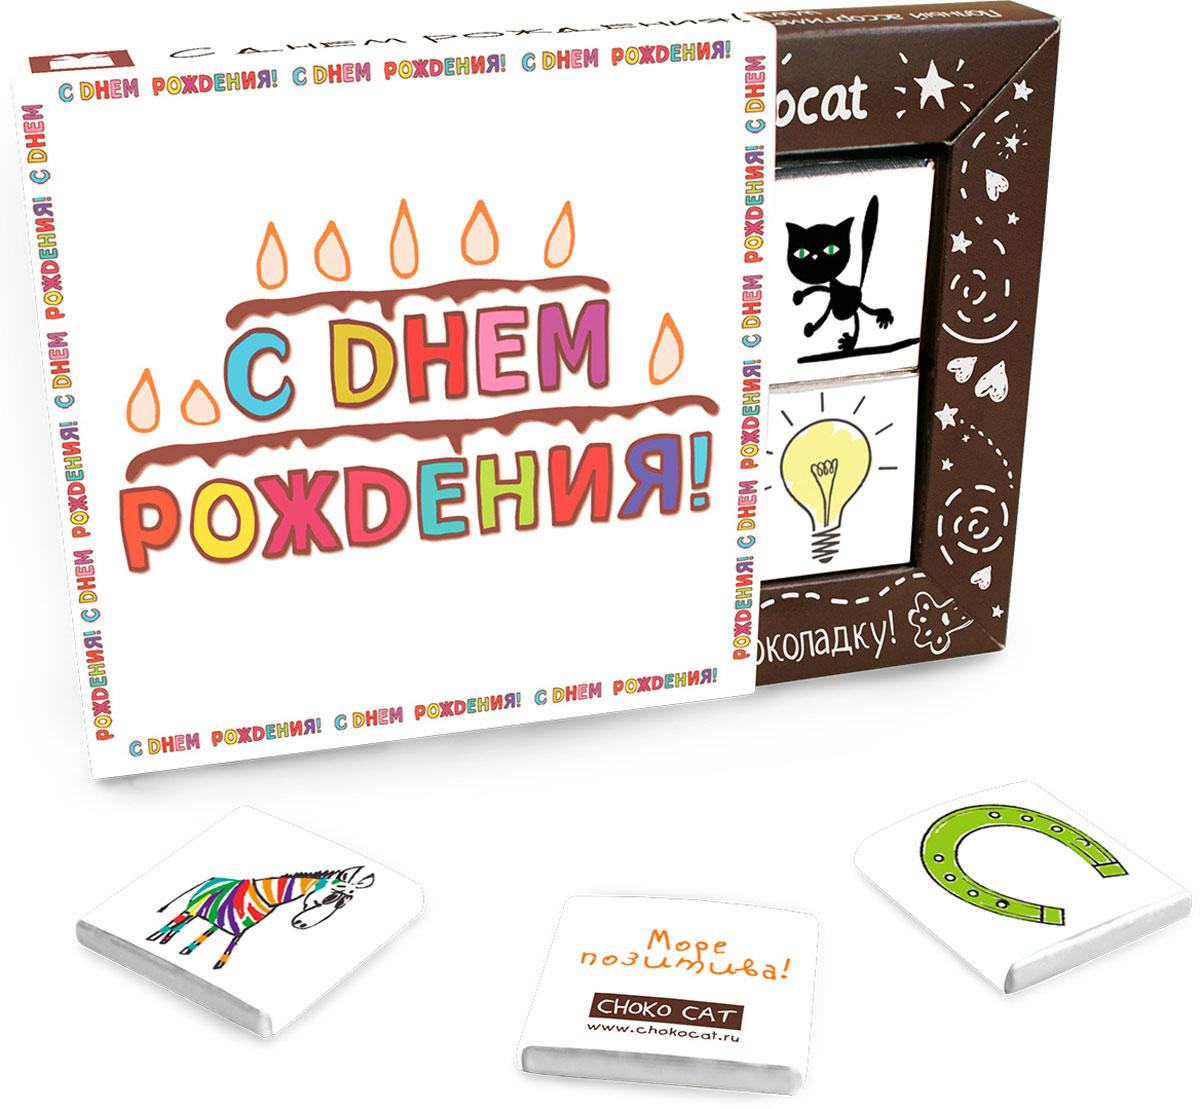 Chokocat С днем рождения молочный шоколад, 60 г chokocat люблю молочный шоколад 60 г